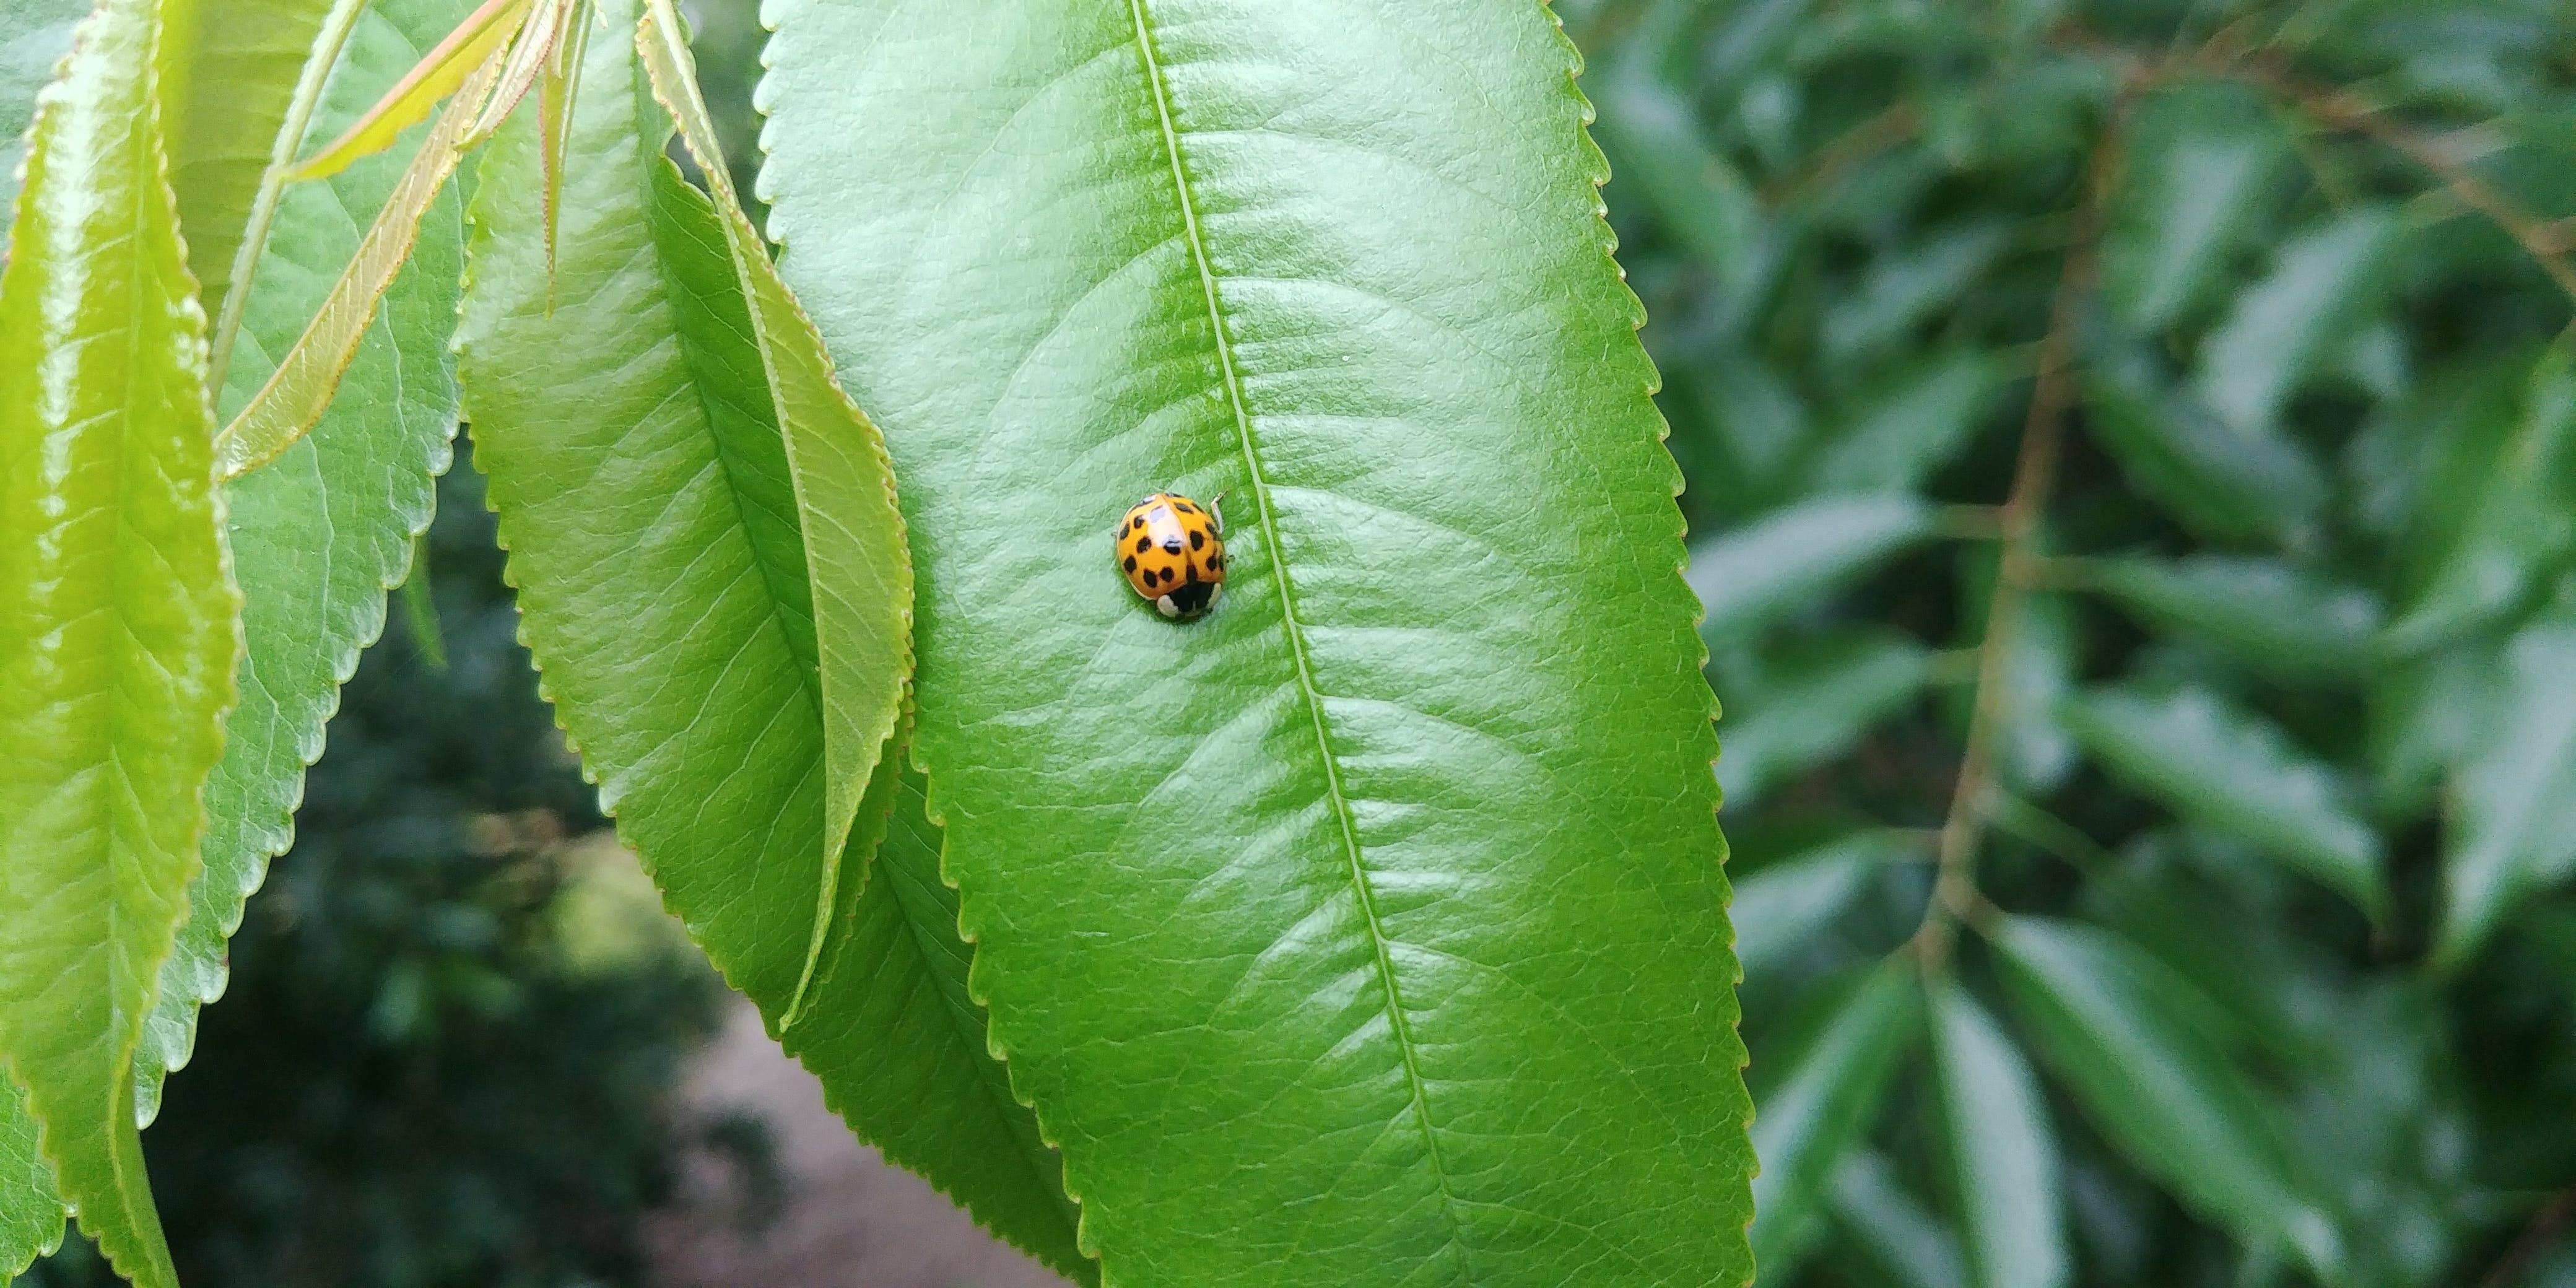 lgg6, 매크로, 무당벌레, 자연의 무료 스톡 사진